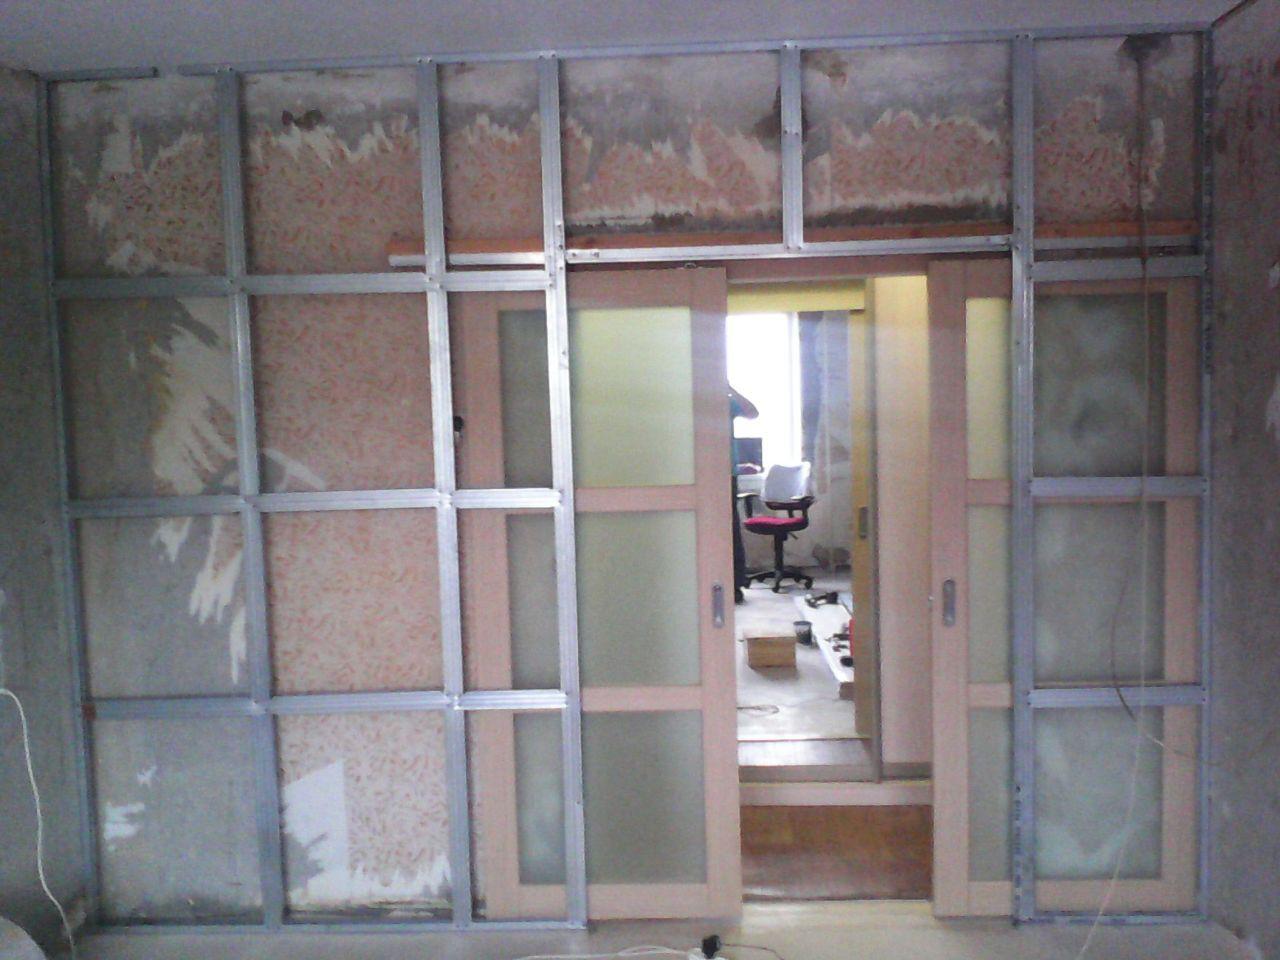 двери в фальш стене фото небольшом росте кажутся